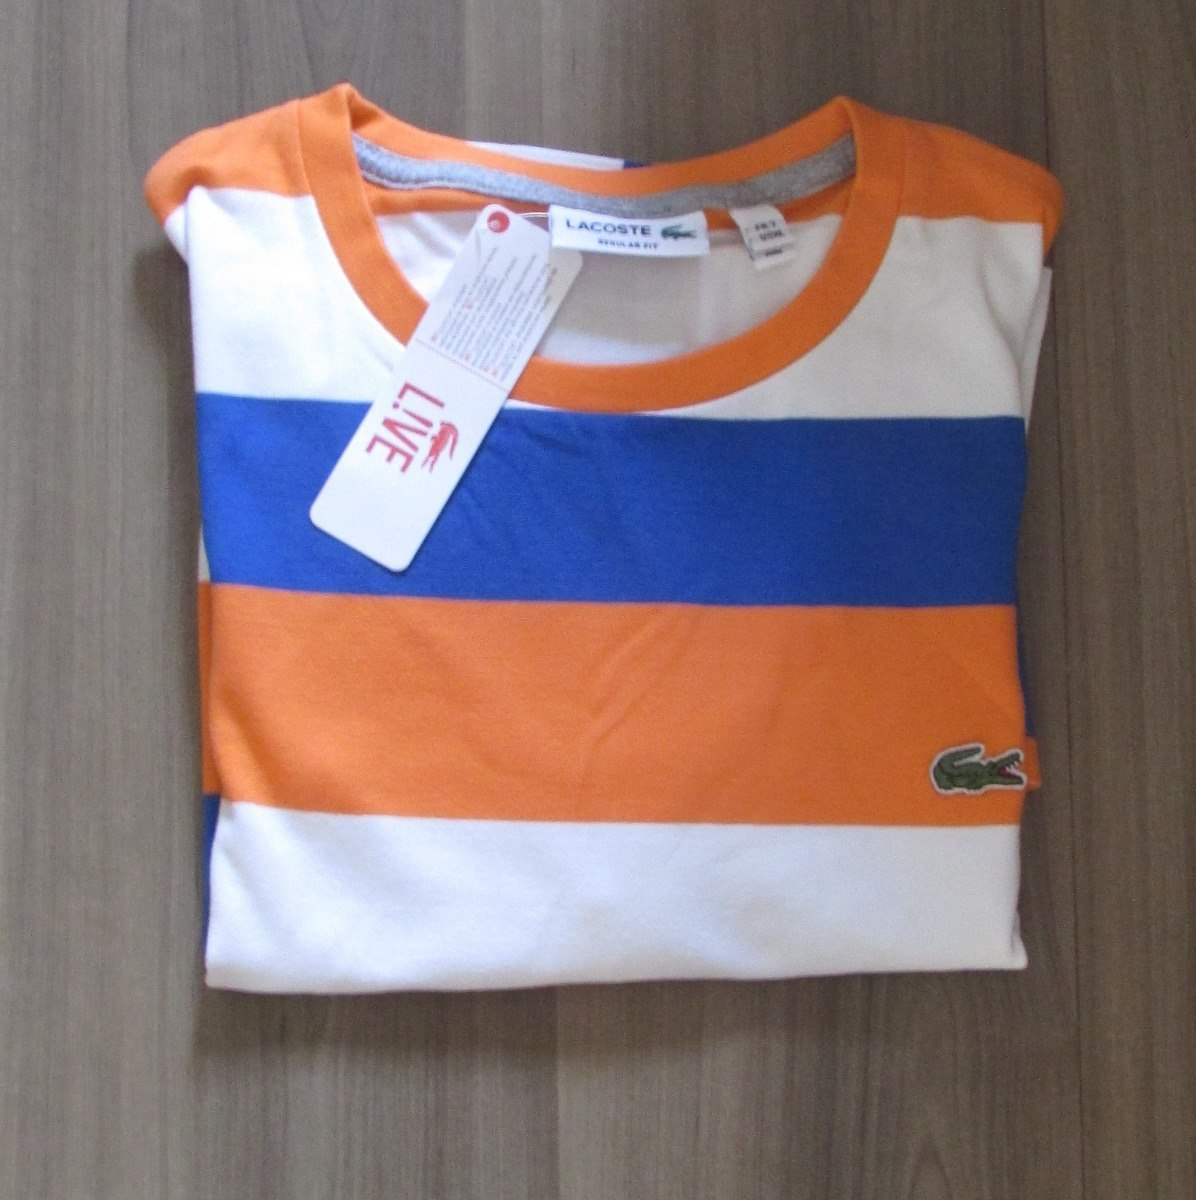 Camiseta Lacoste Live Original Peruana Listrada Tam P - R  59,99 em ... 892fb06c3e